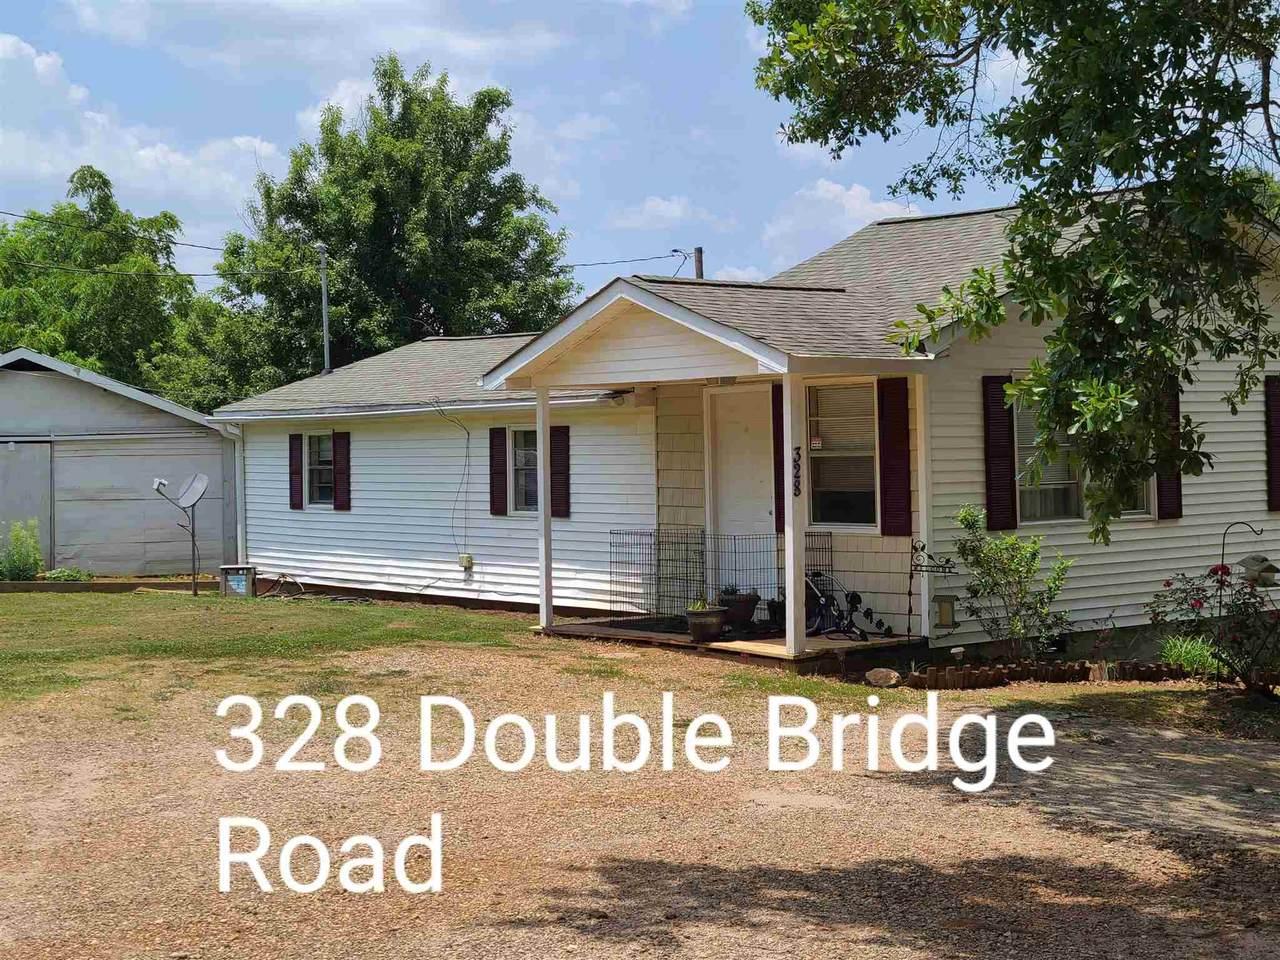 328 Double Bridge Road - Photo 1